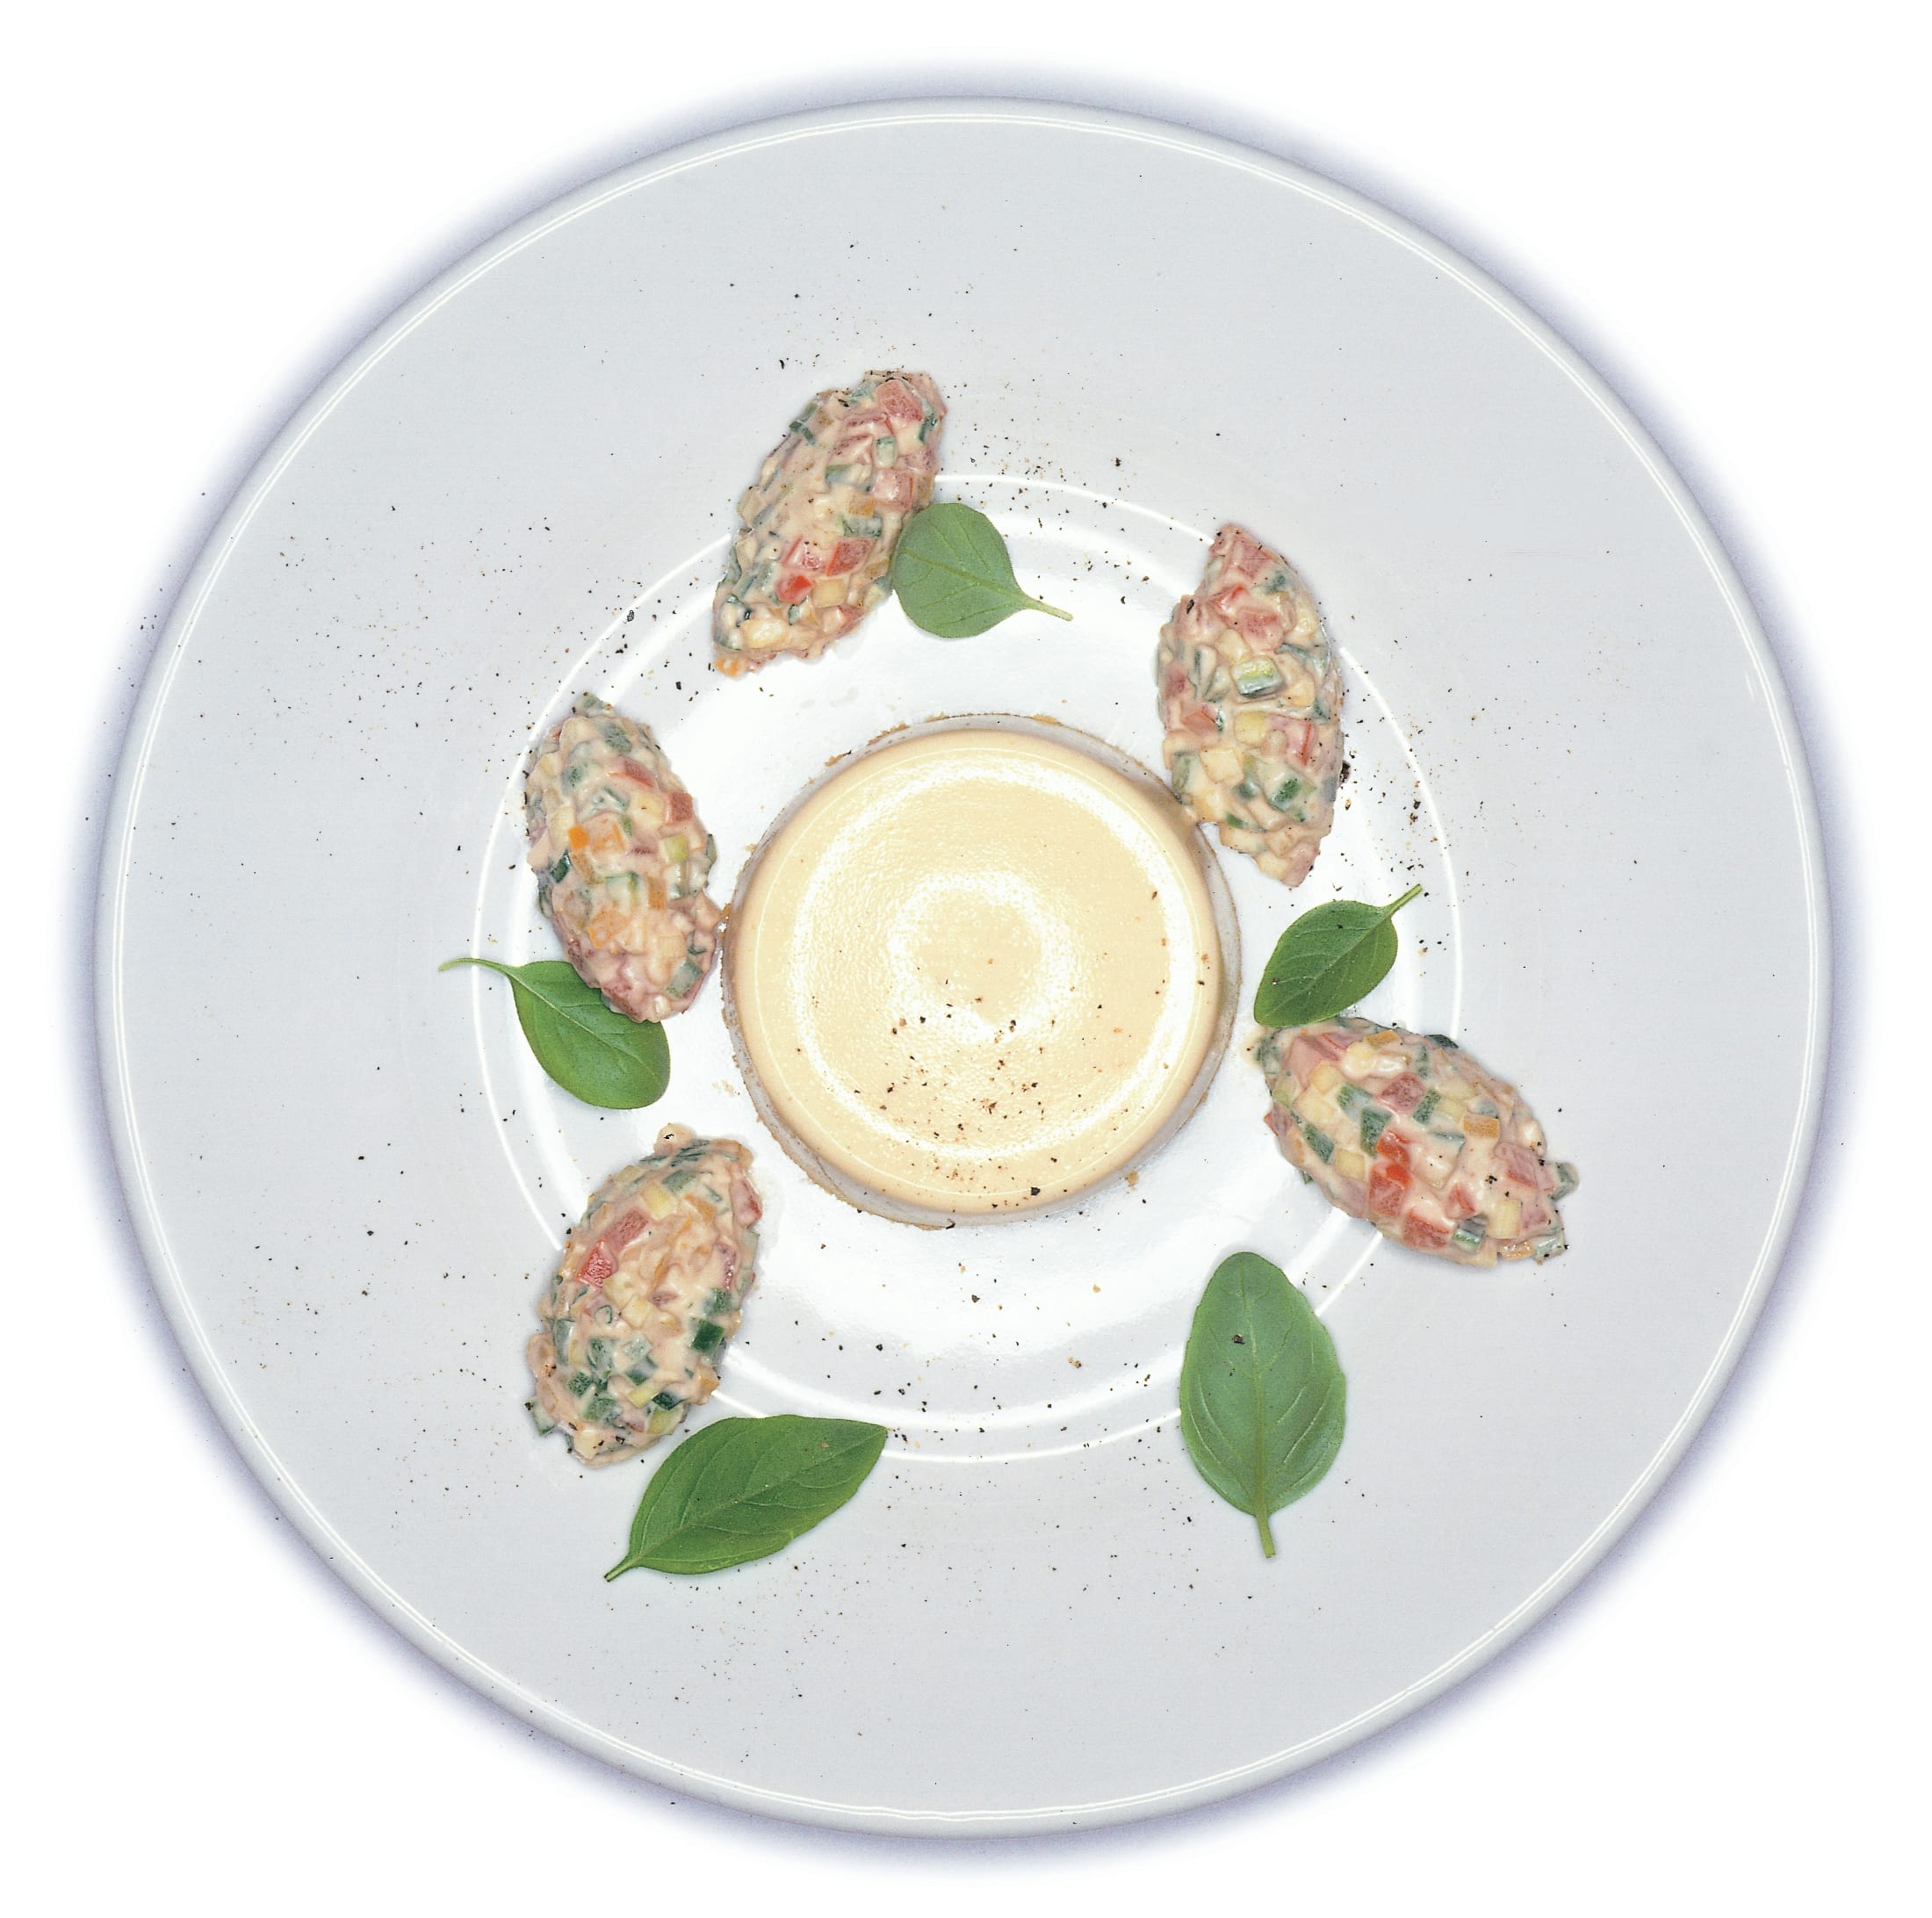 Flans de mascarpone au tartare de légumes d'été